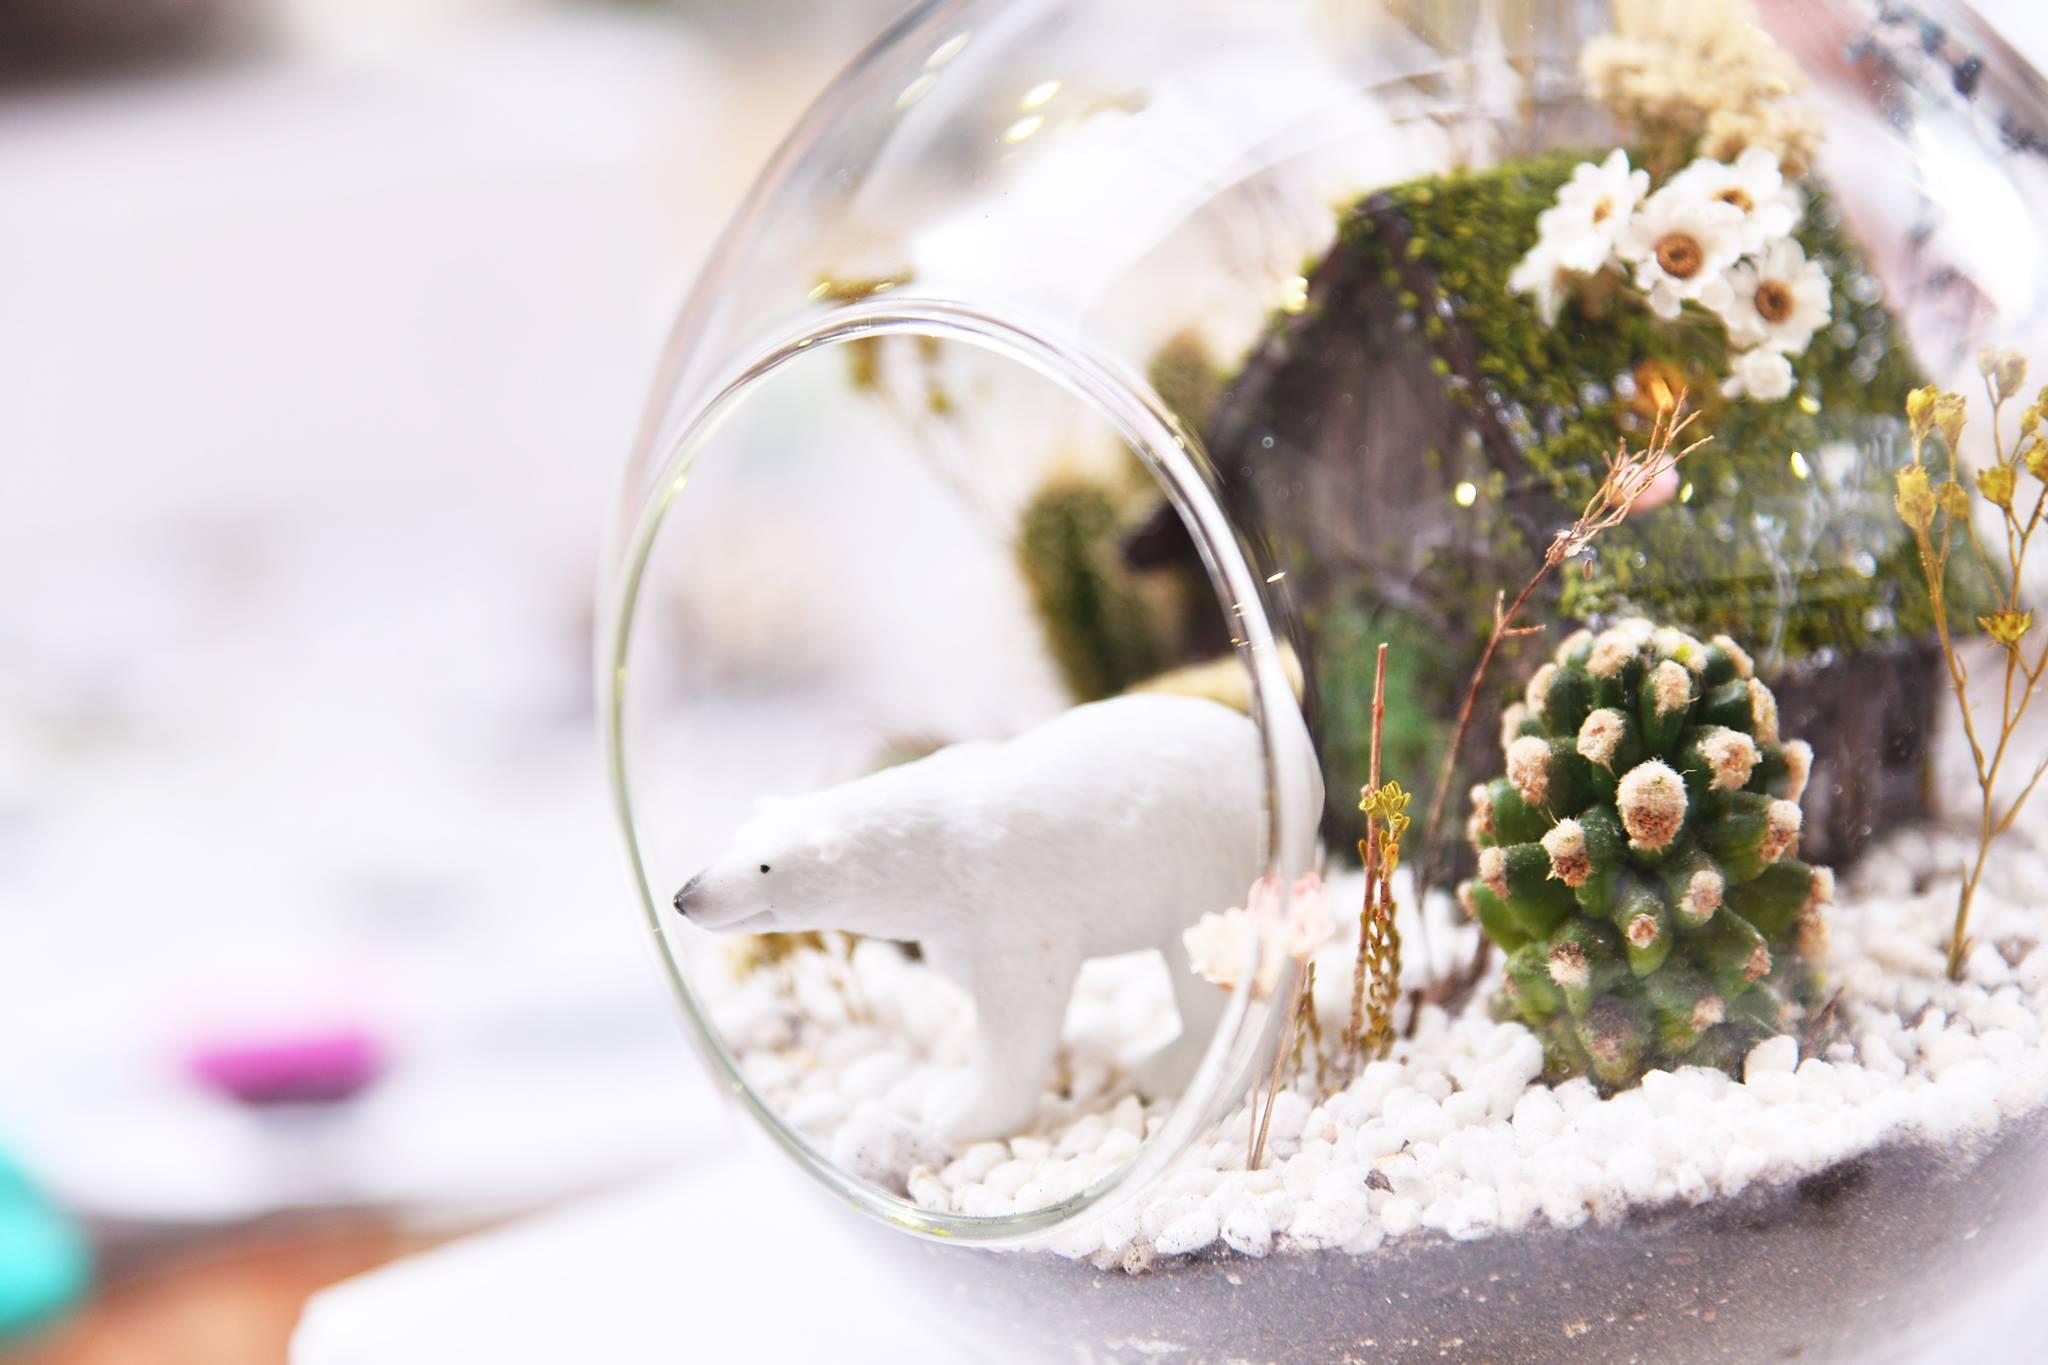 多肉植物玻璃球課程,北極熊公仔與仙人掌